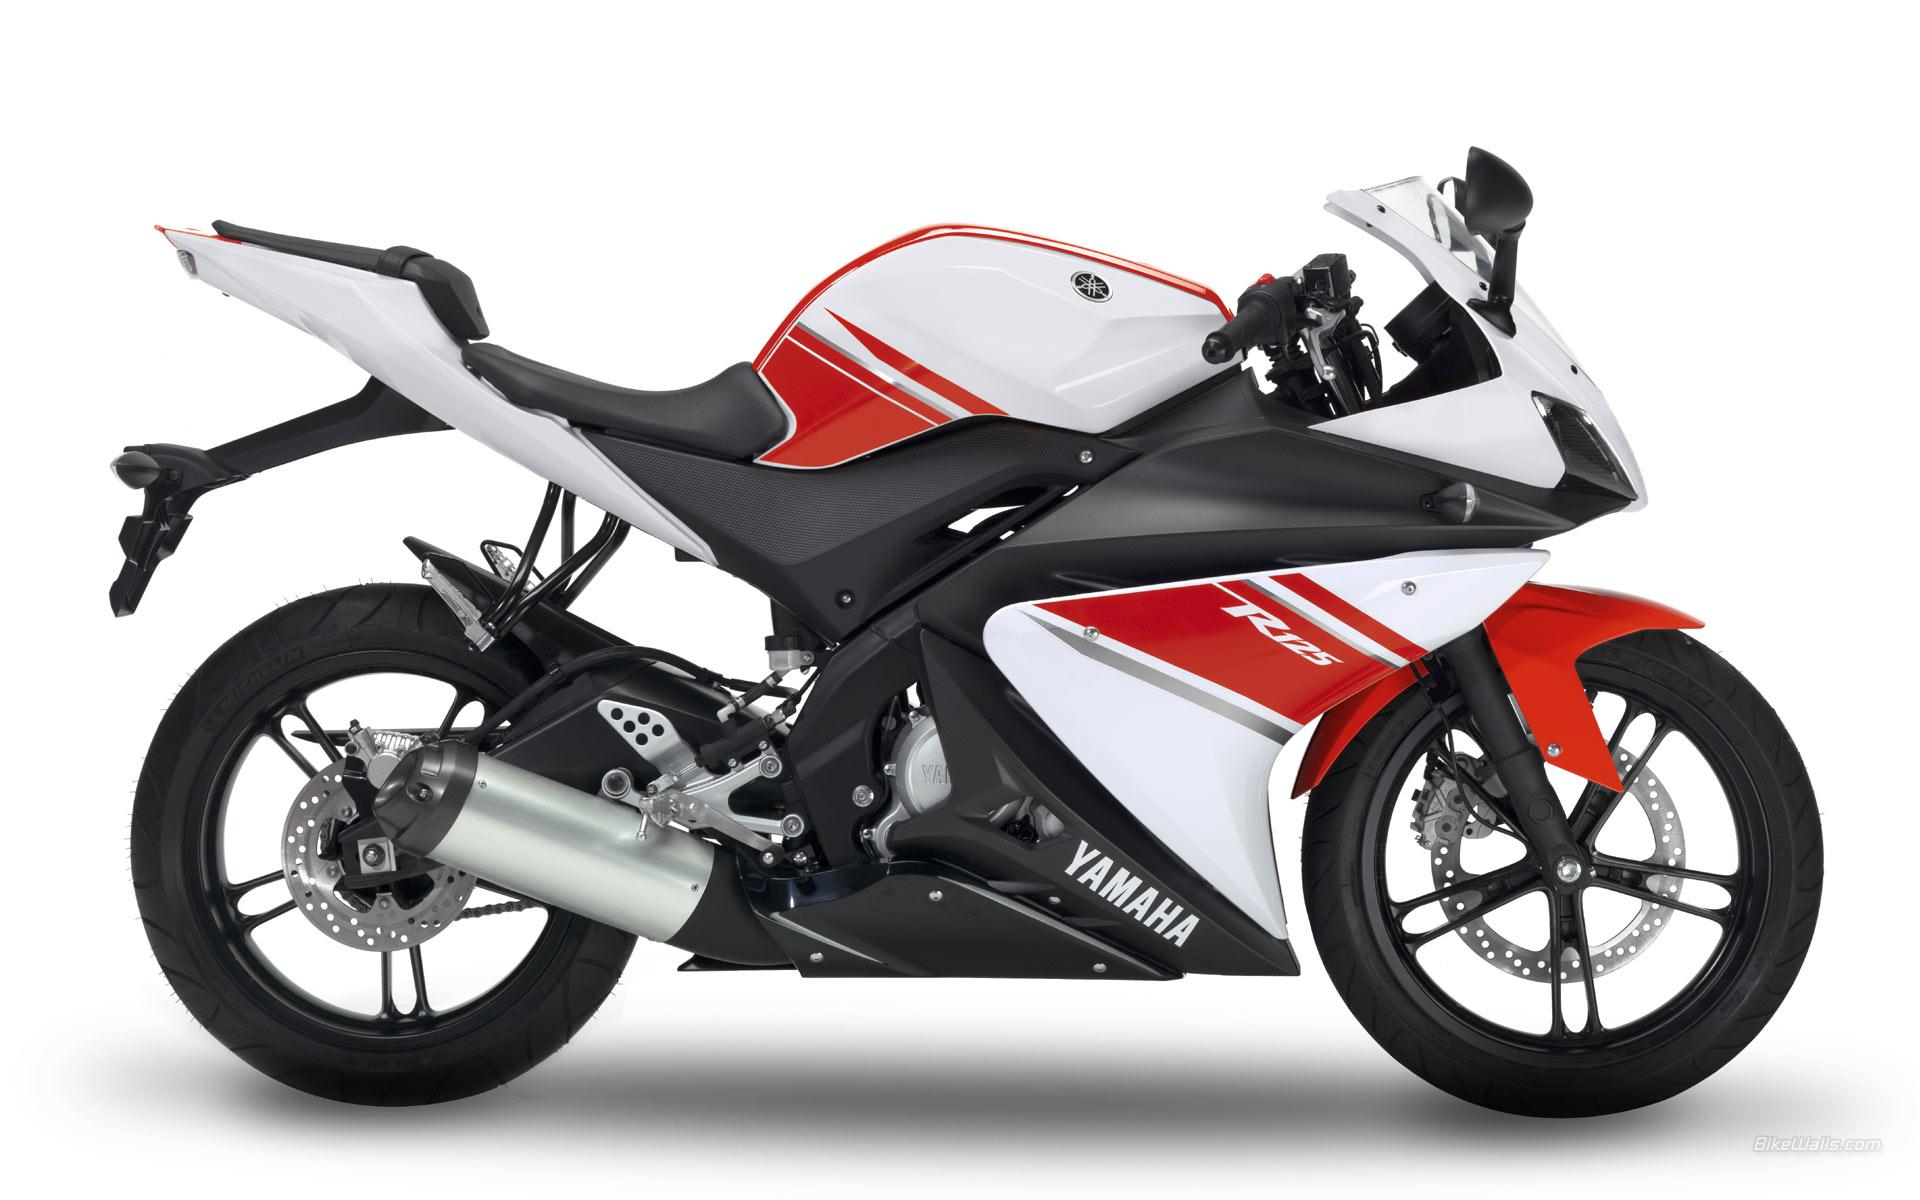 Gambar Motor Yamaha R125 Stylecustom